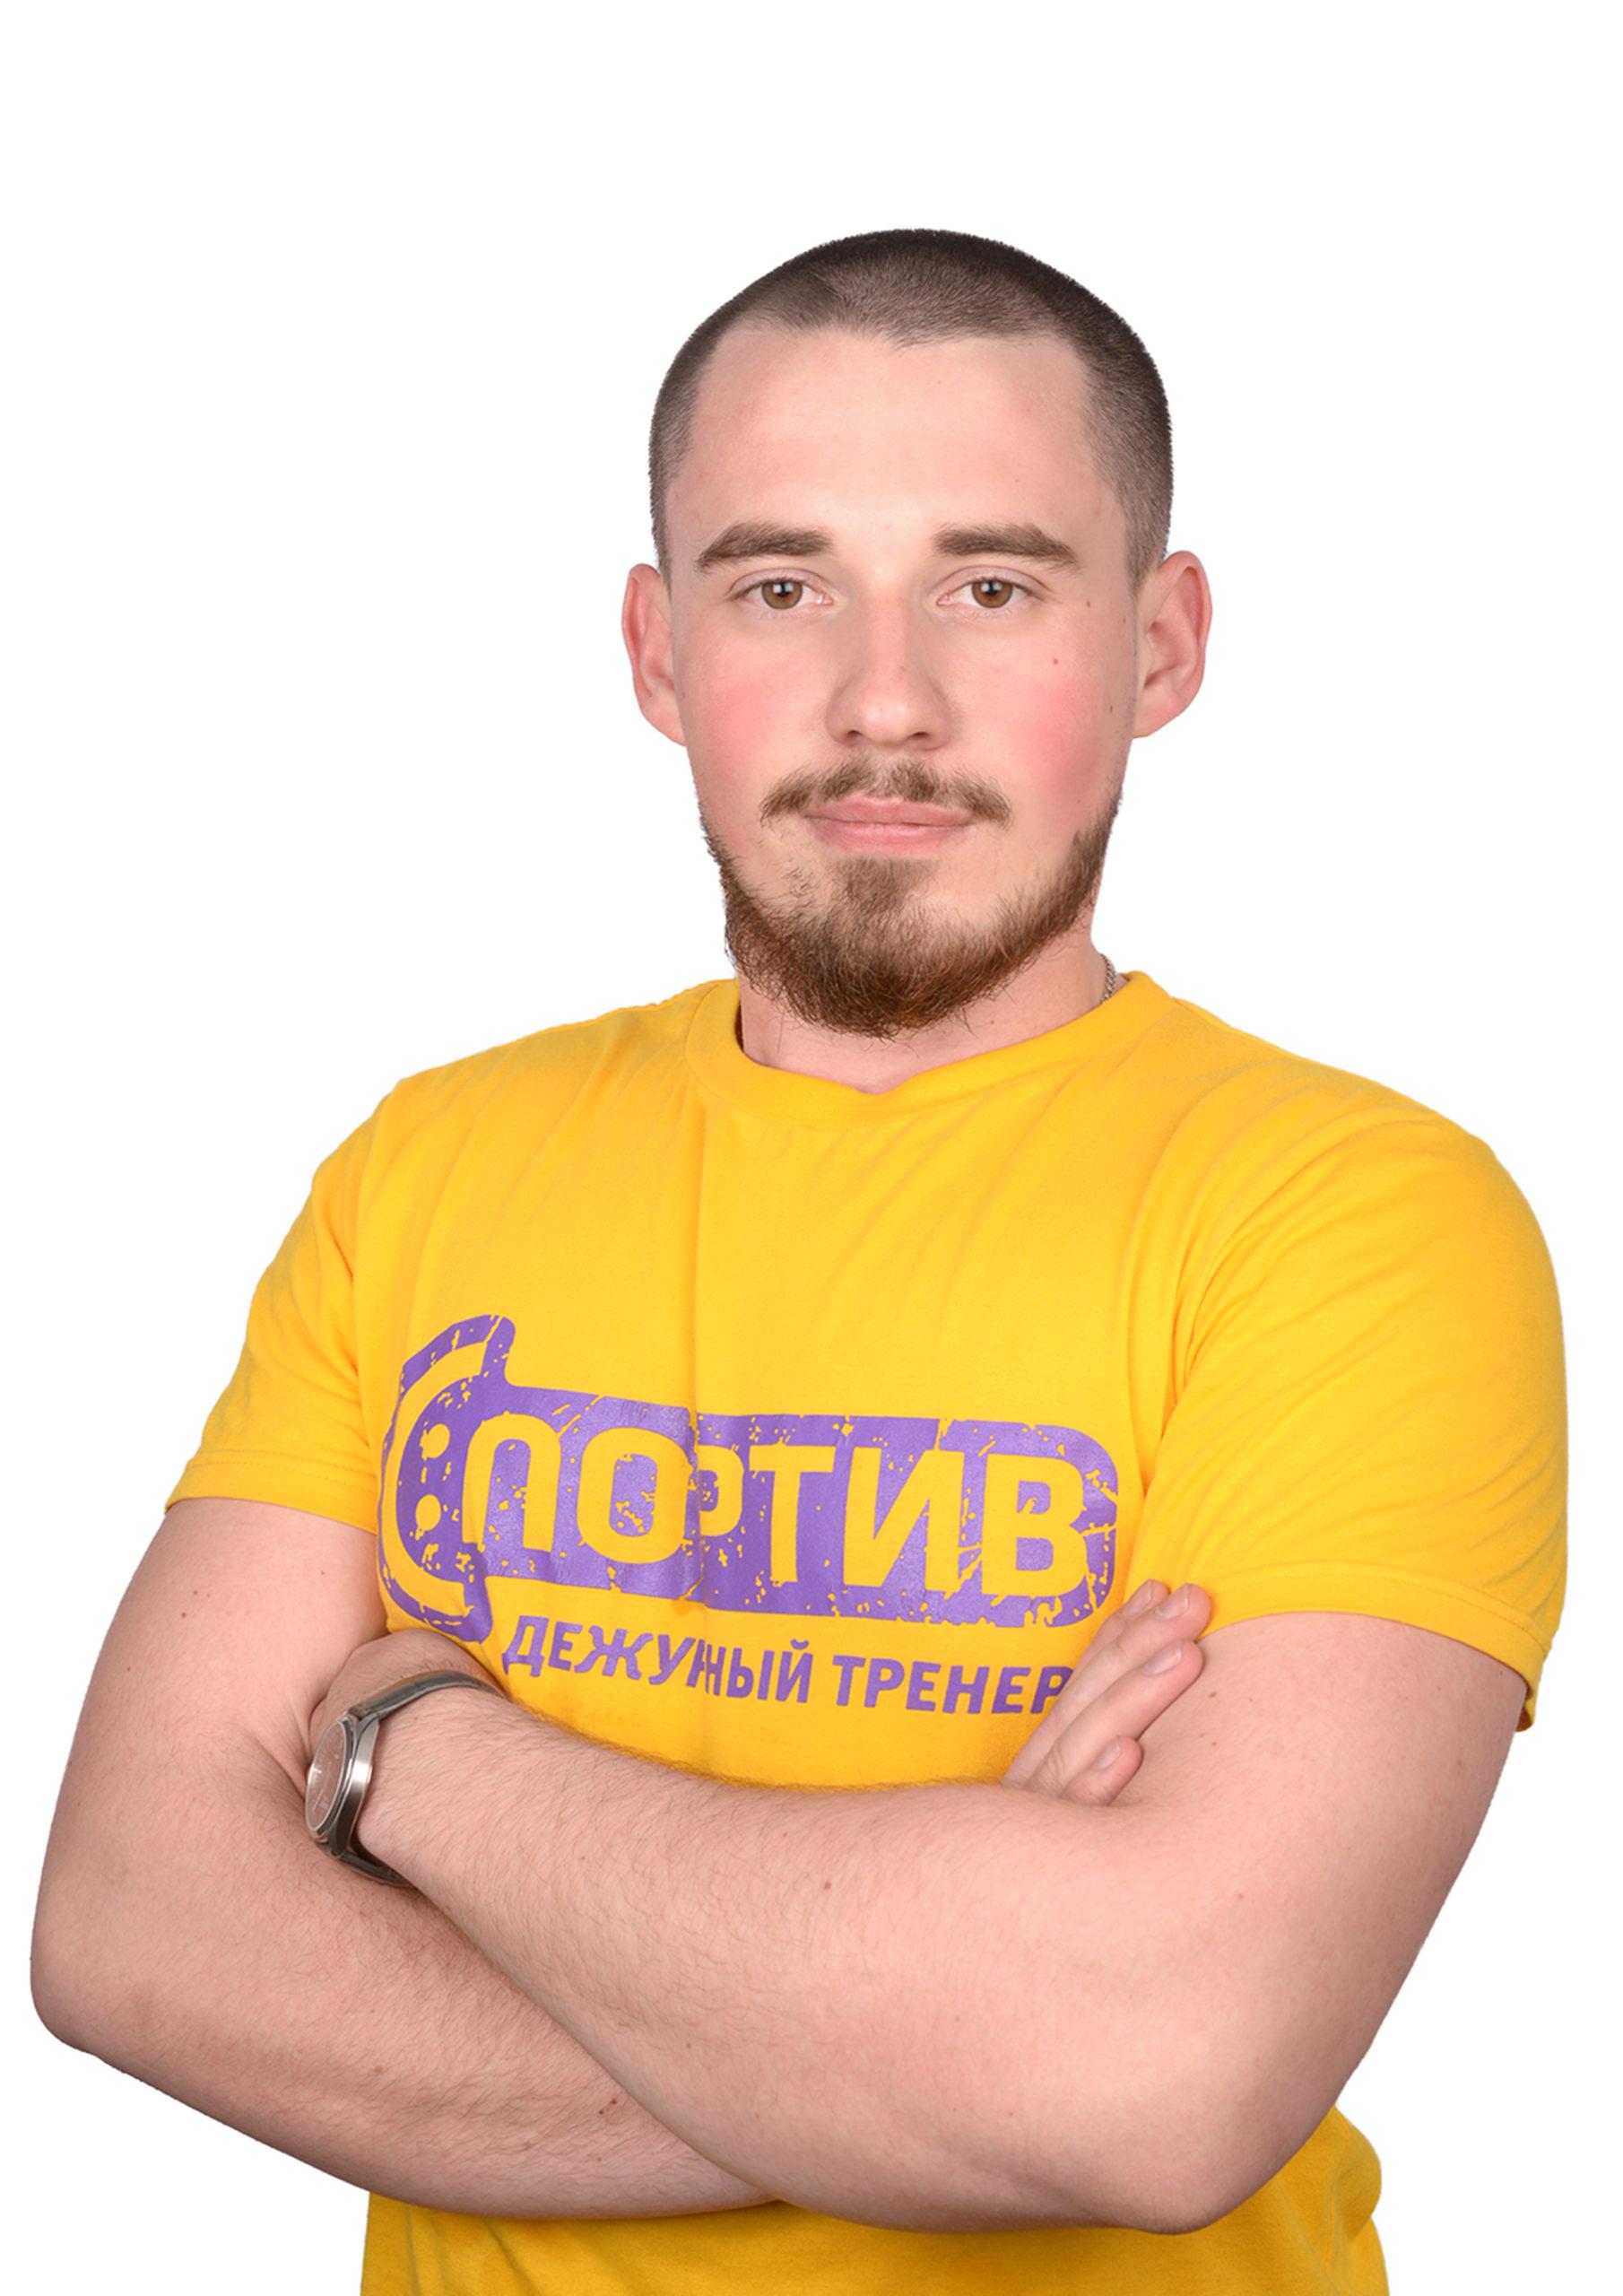 Персональный тренер — Никита Сыченков